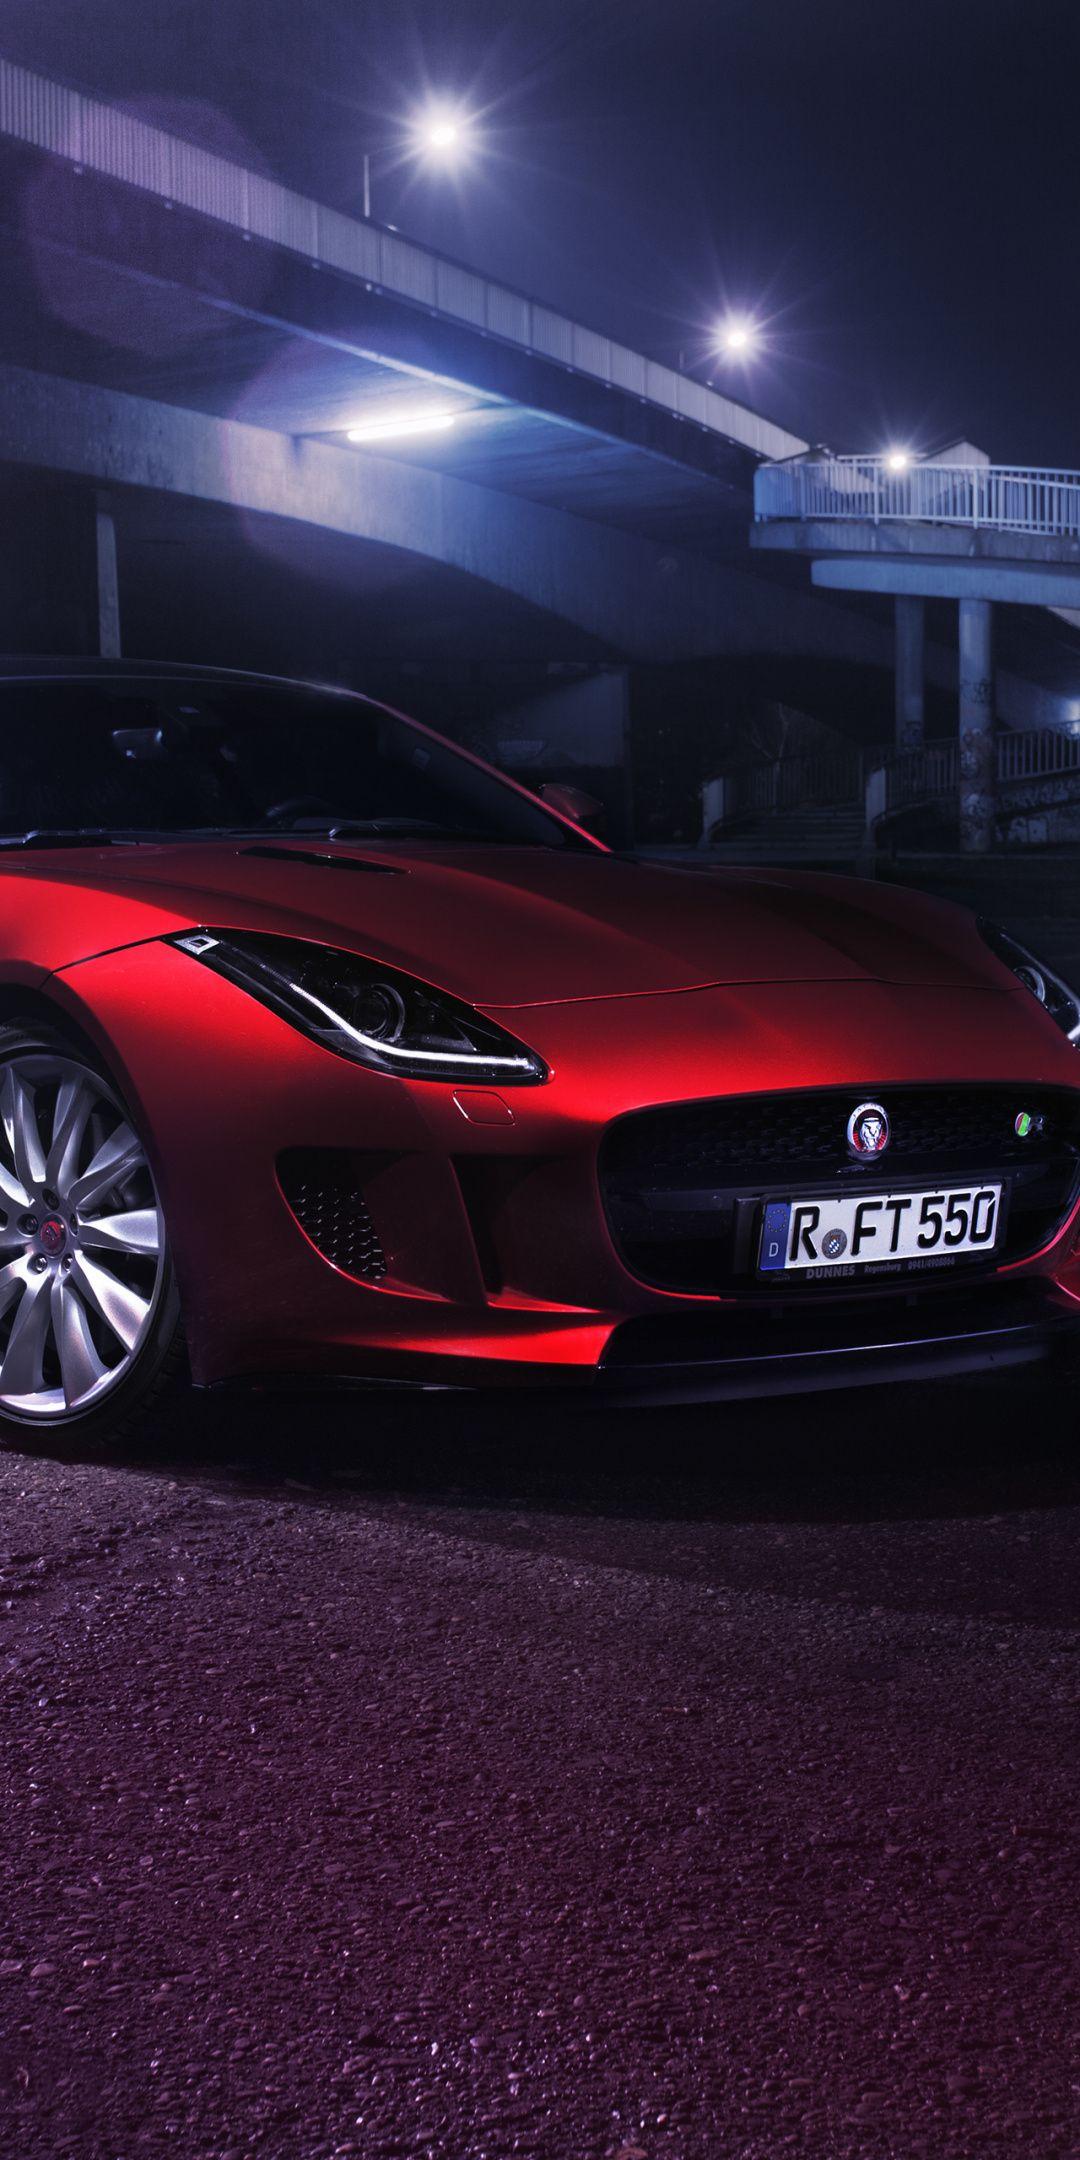 2019 Jaguar F Type R Red Car 1080x2160 Wallpaper Jaguar F Type Jaguar Car